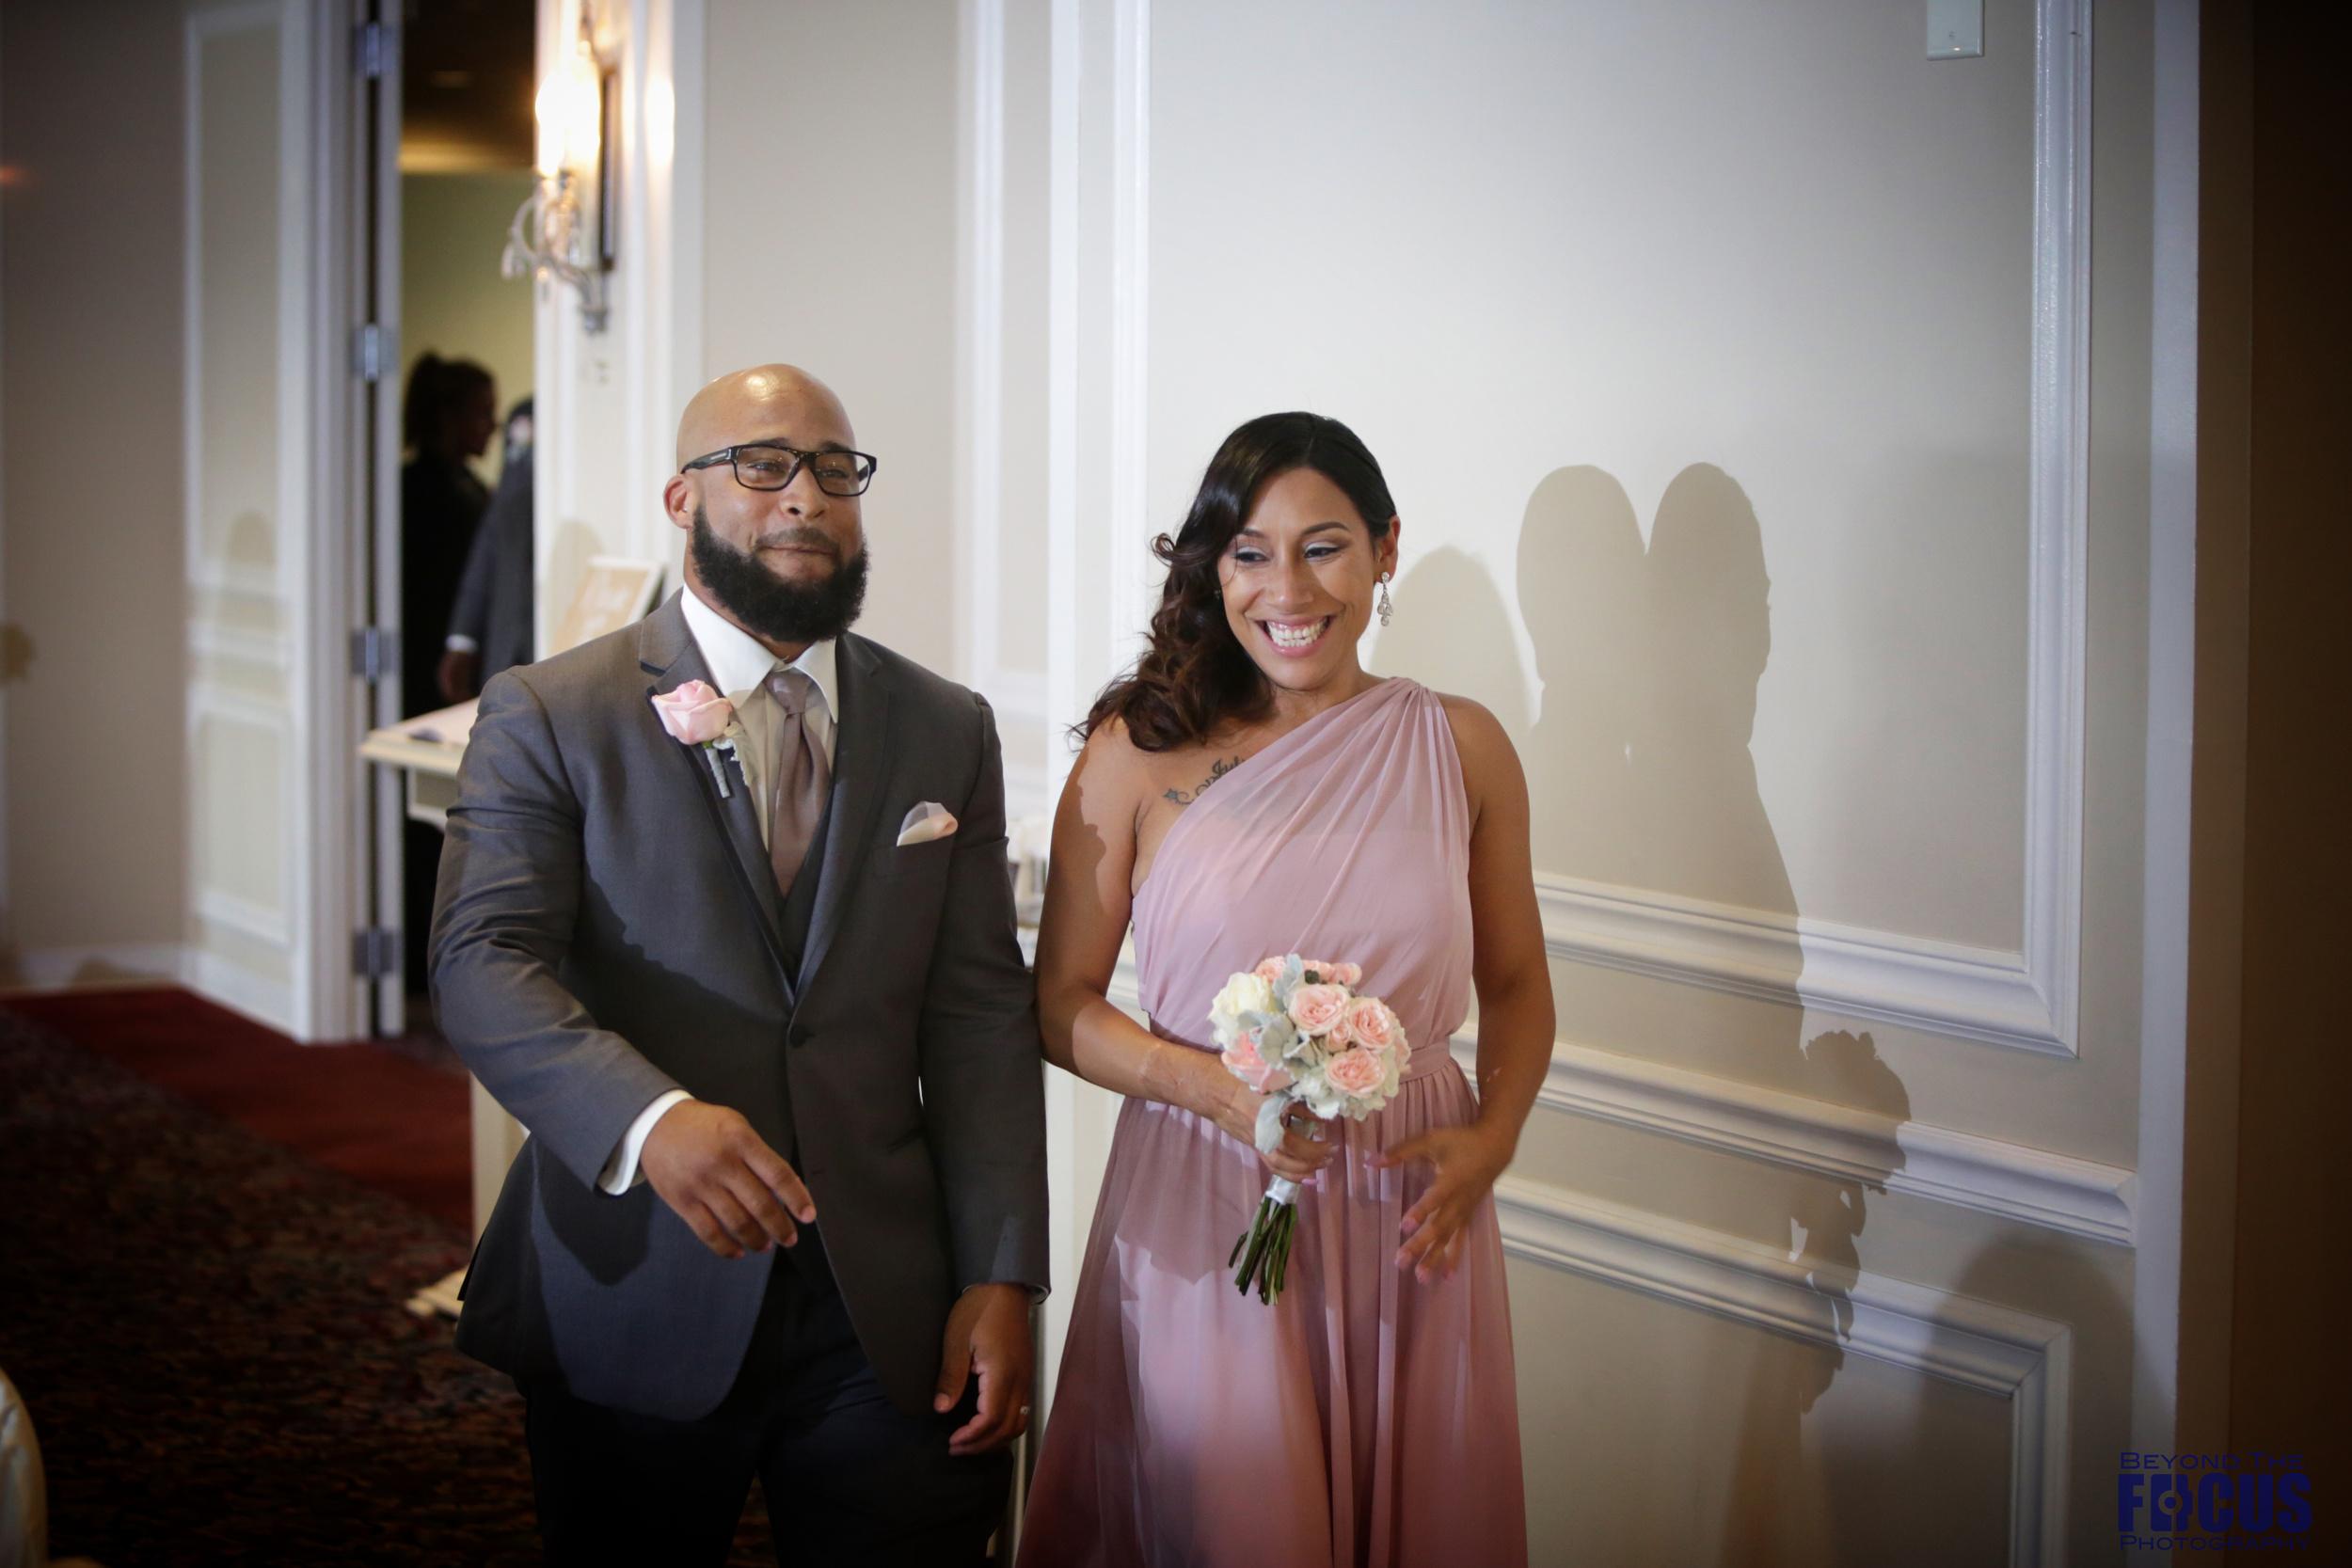 Palmer Wedding - Wedding Reception36.jpg